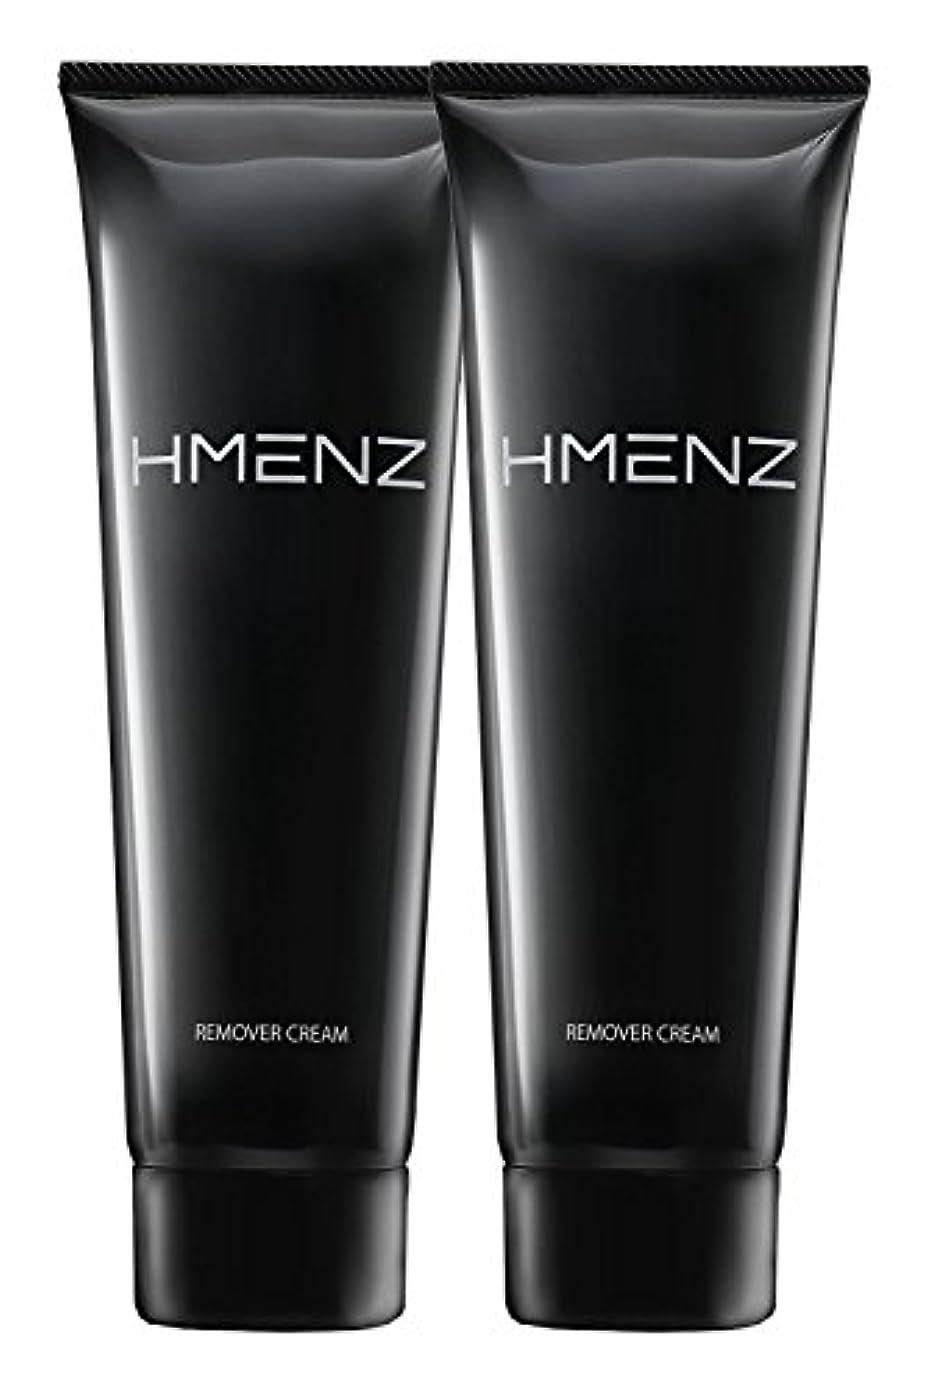 ぴったりカポックマーベル医薬部外品 HMENZ メンズ 除毛クリーム 2個セット 陰部 使用可能 210g ×2